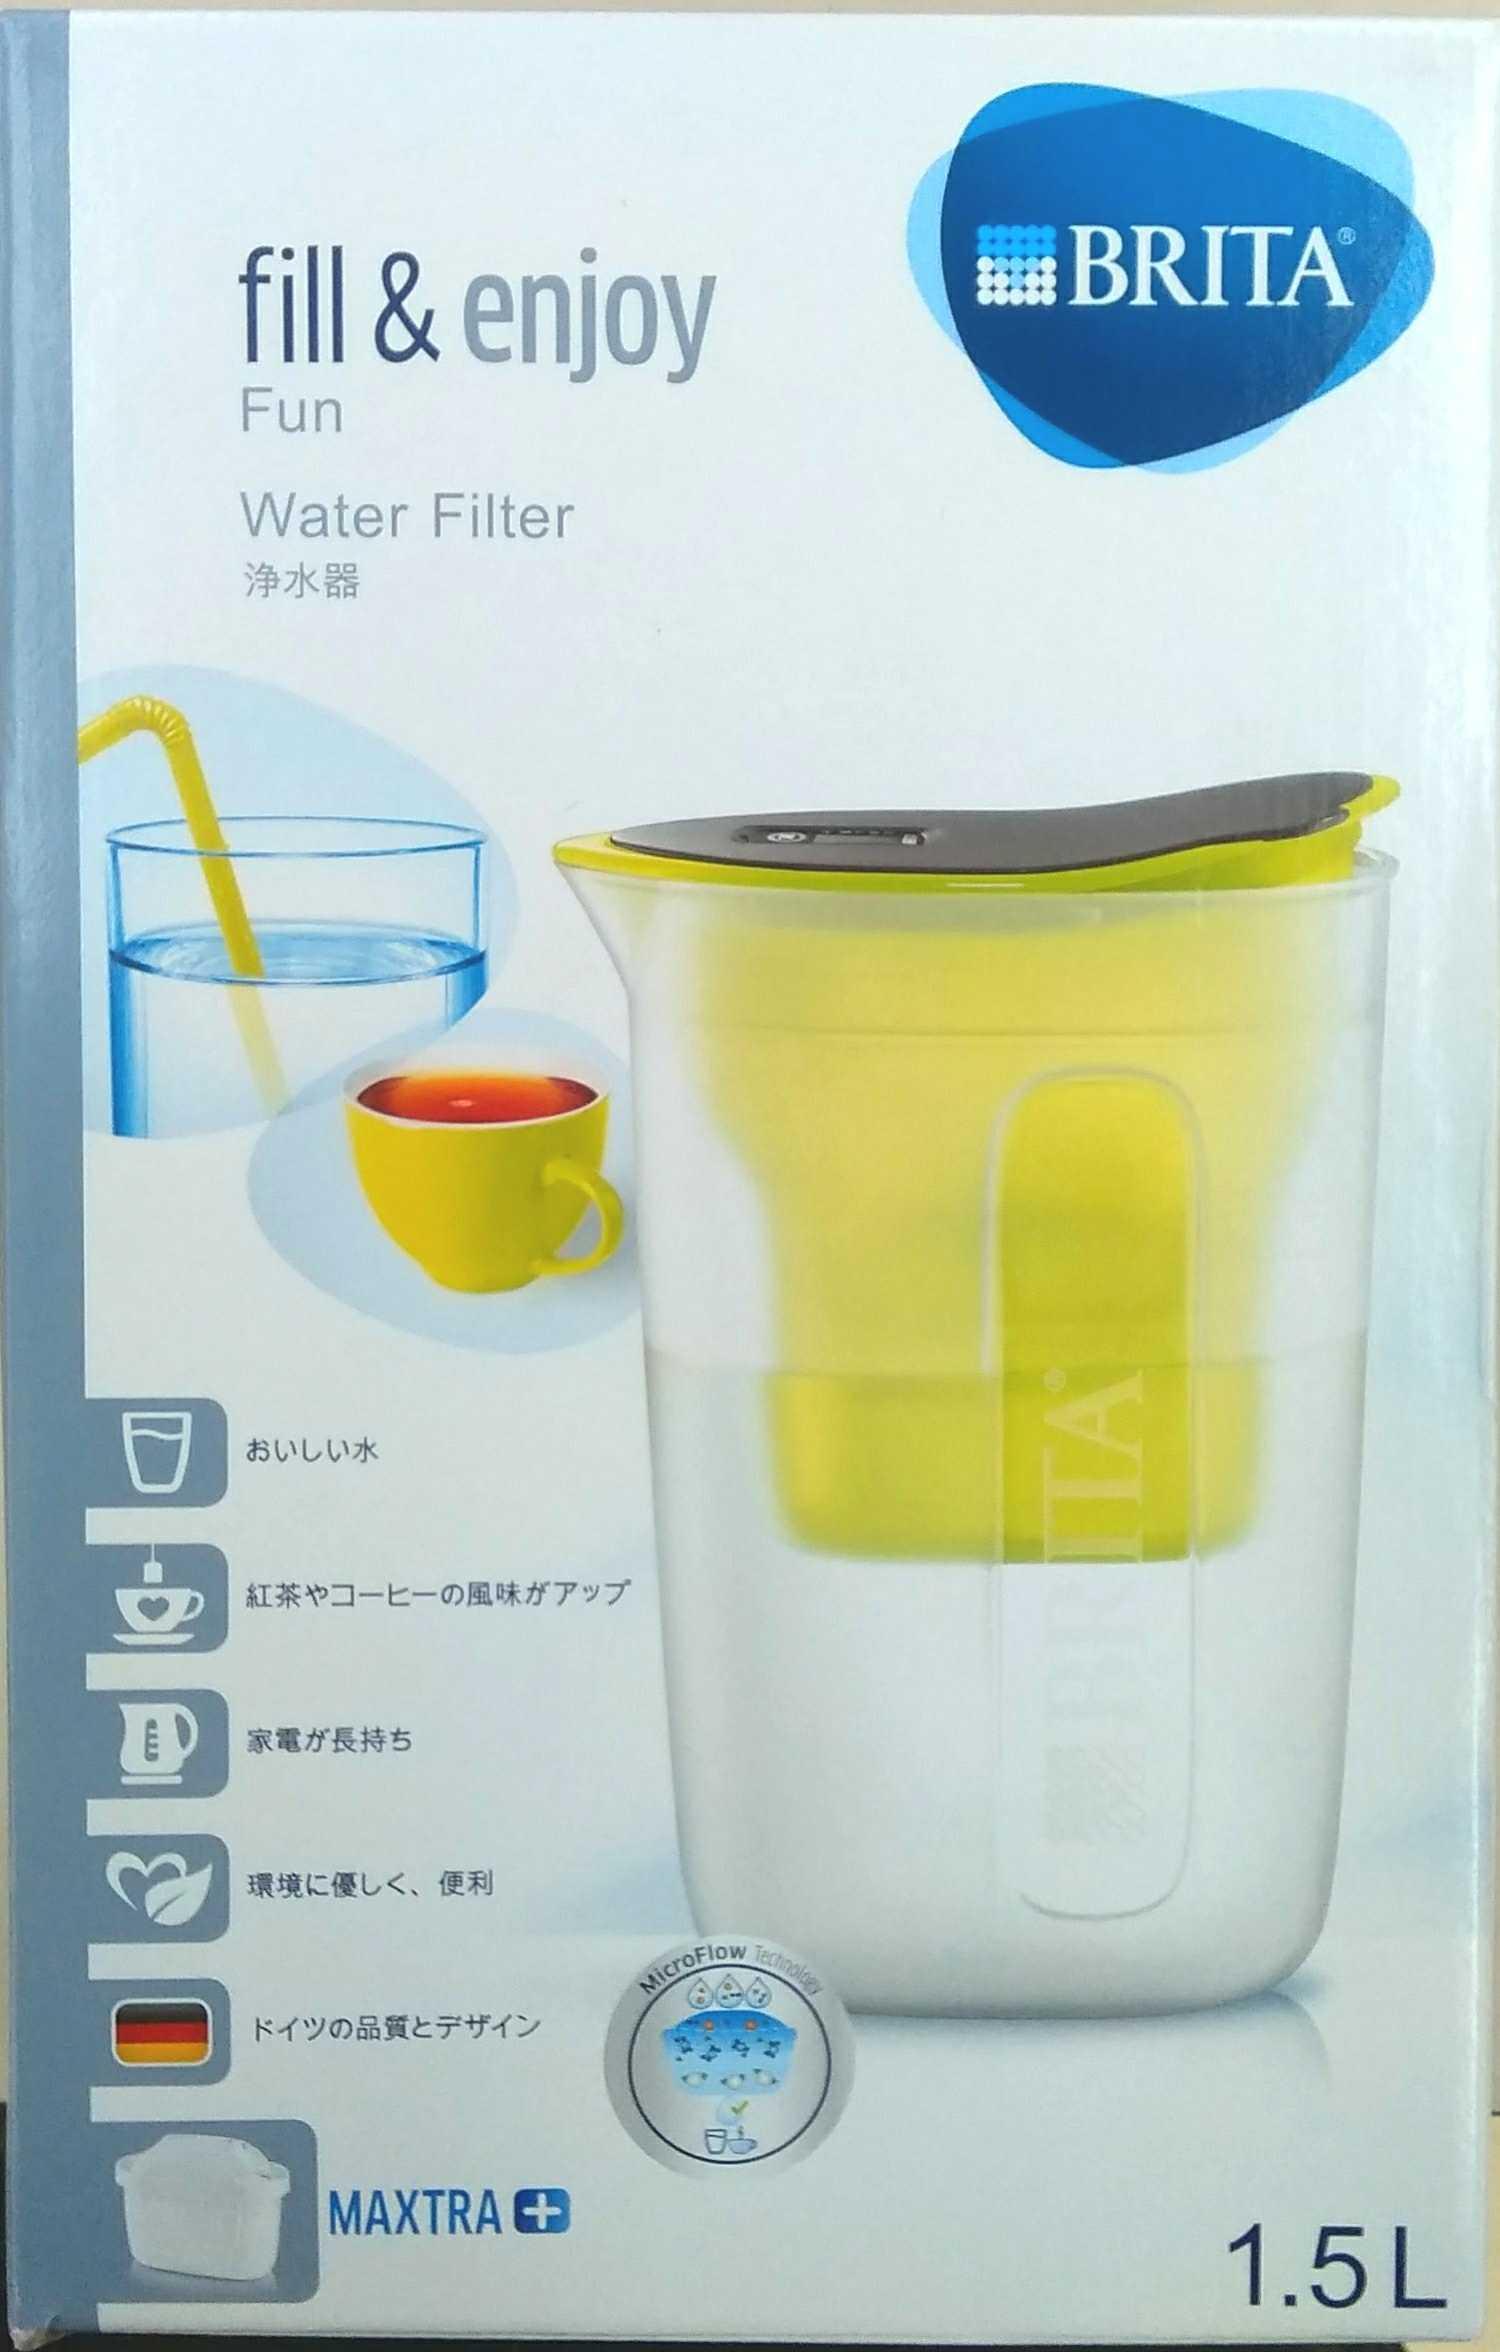 【未使用品】浄水器(浄水ポット)|BRITA